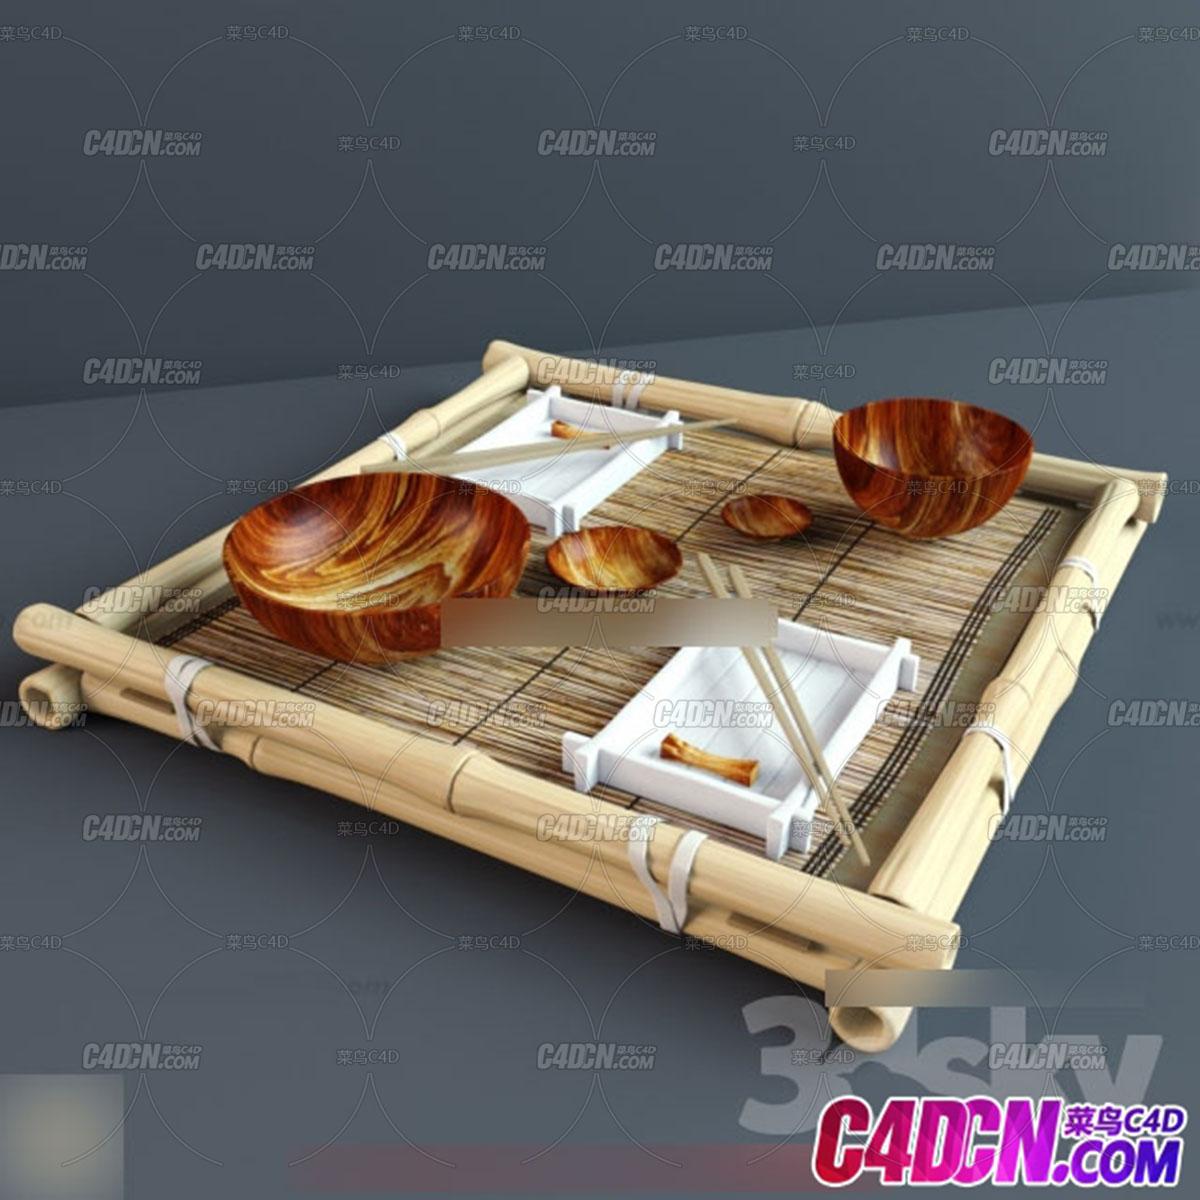 现代厨房装修用品模型023 竹盘 筷子 瓷碗 碟子